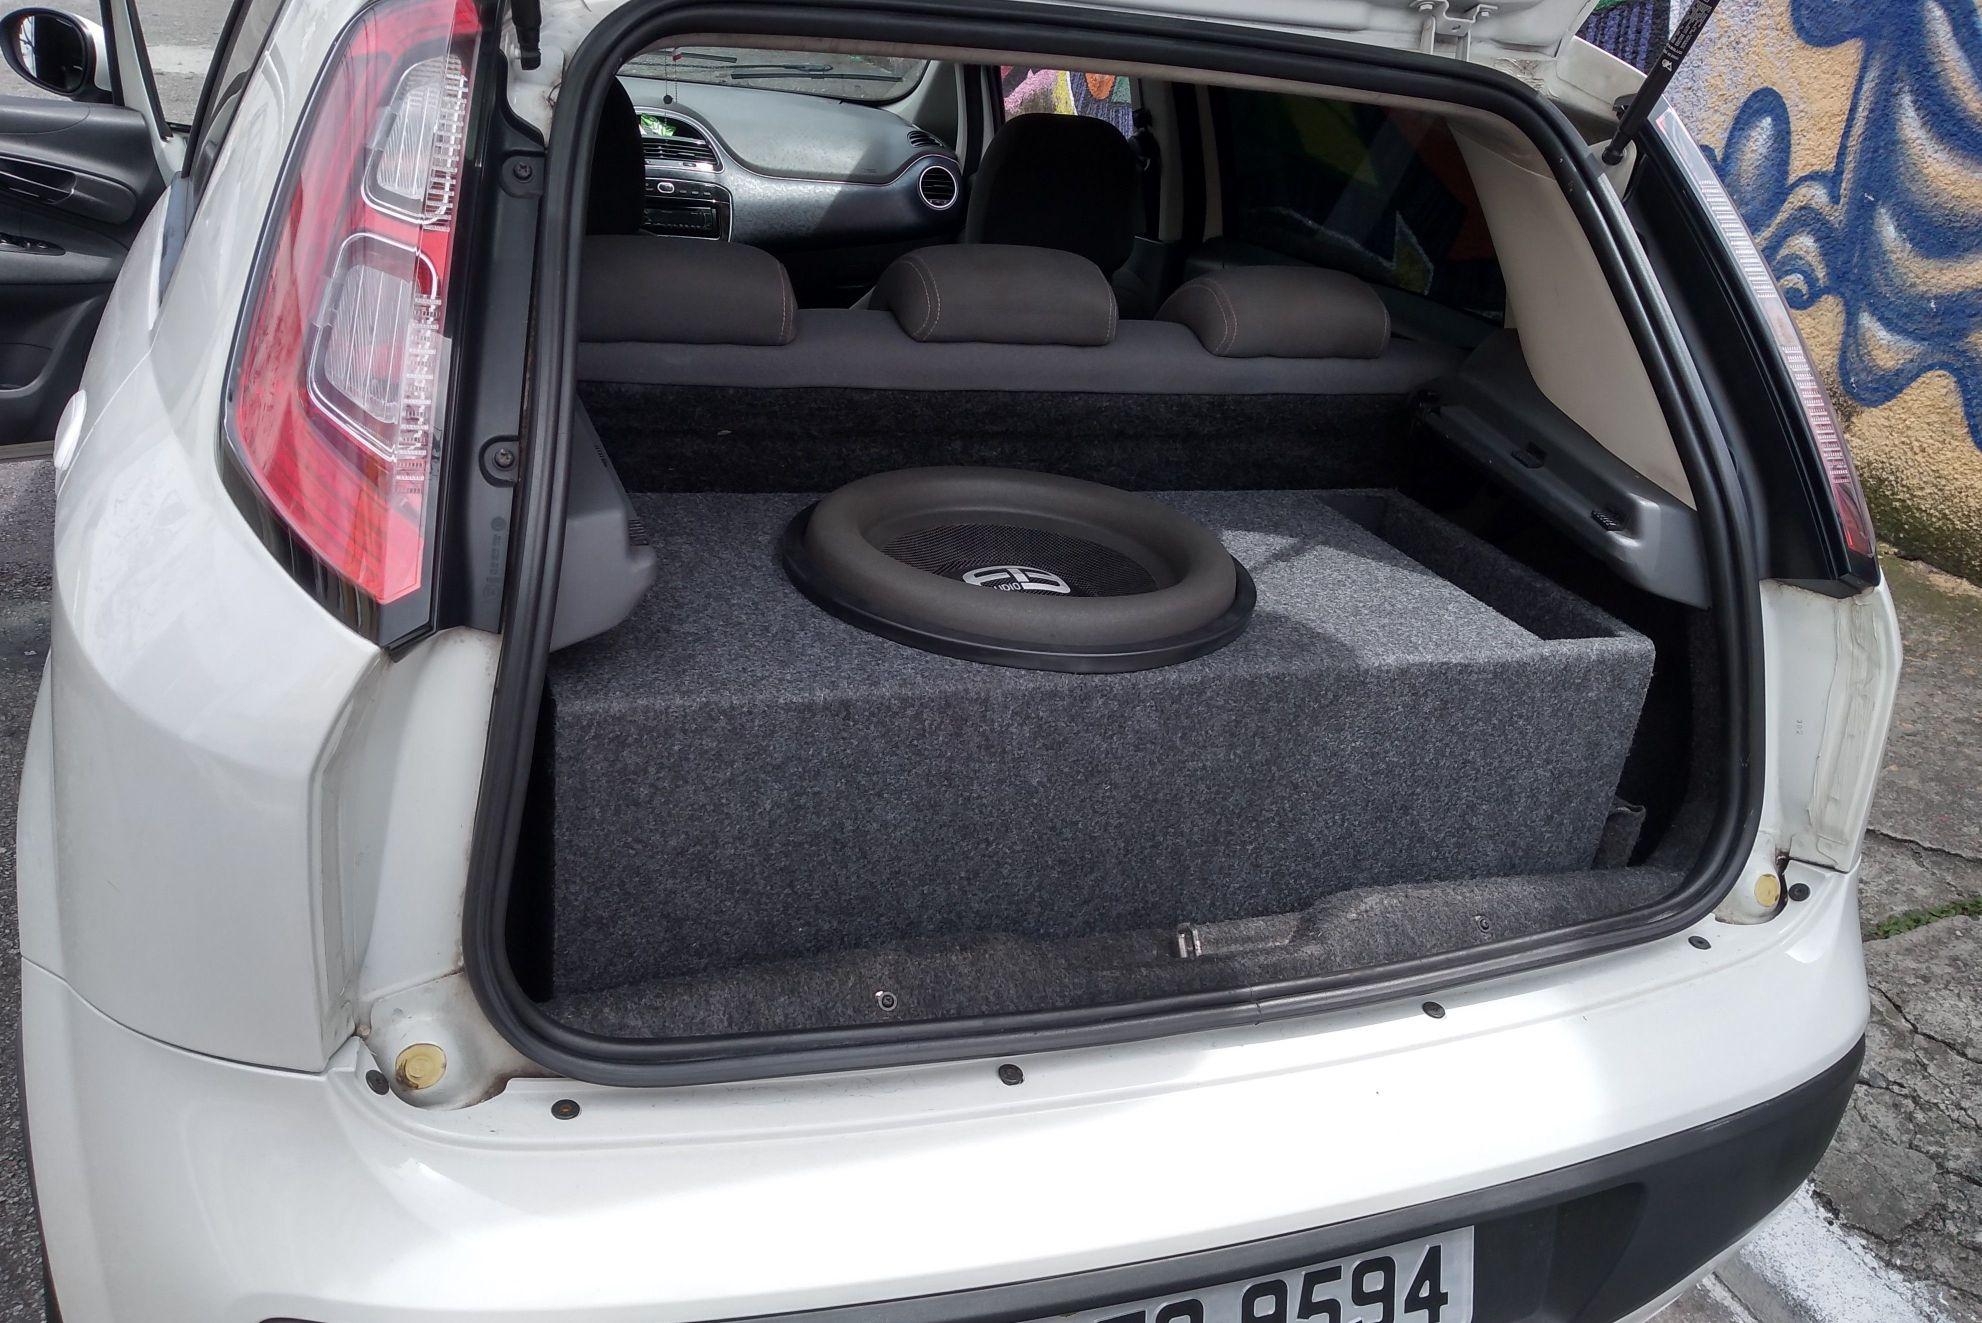 caixa de 15 polegadas no Fiat Punto